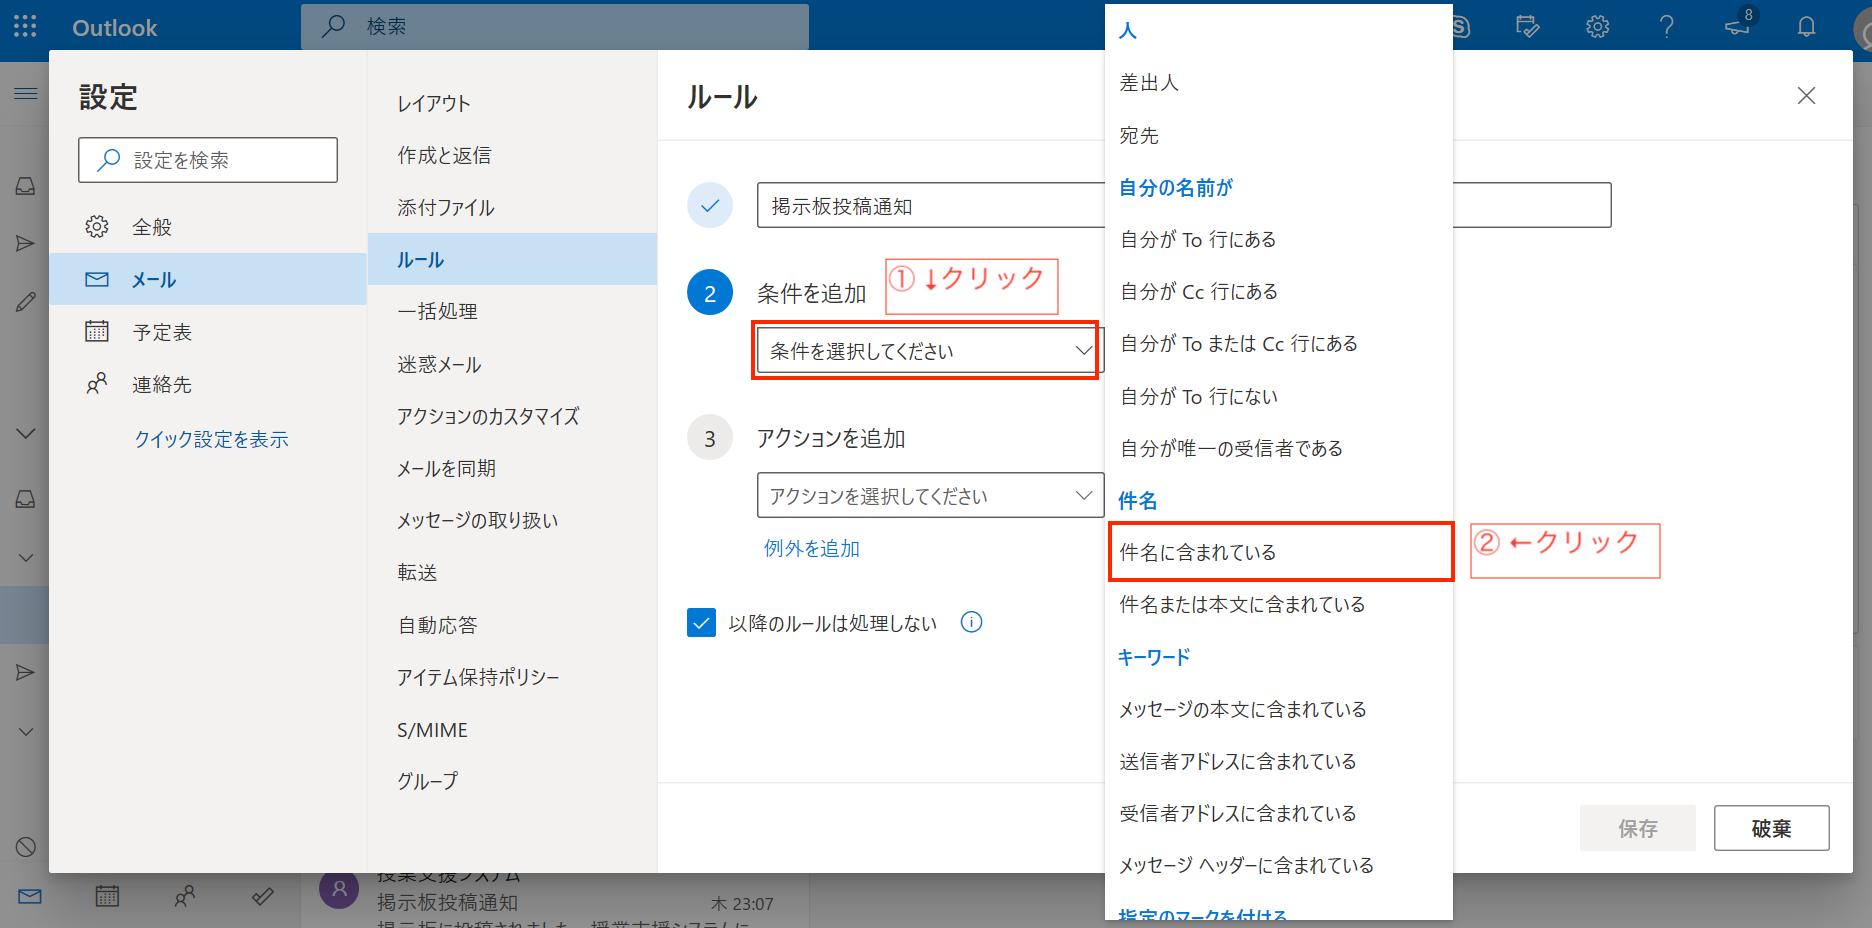 09_条件を追加